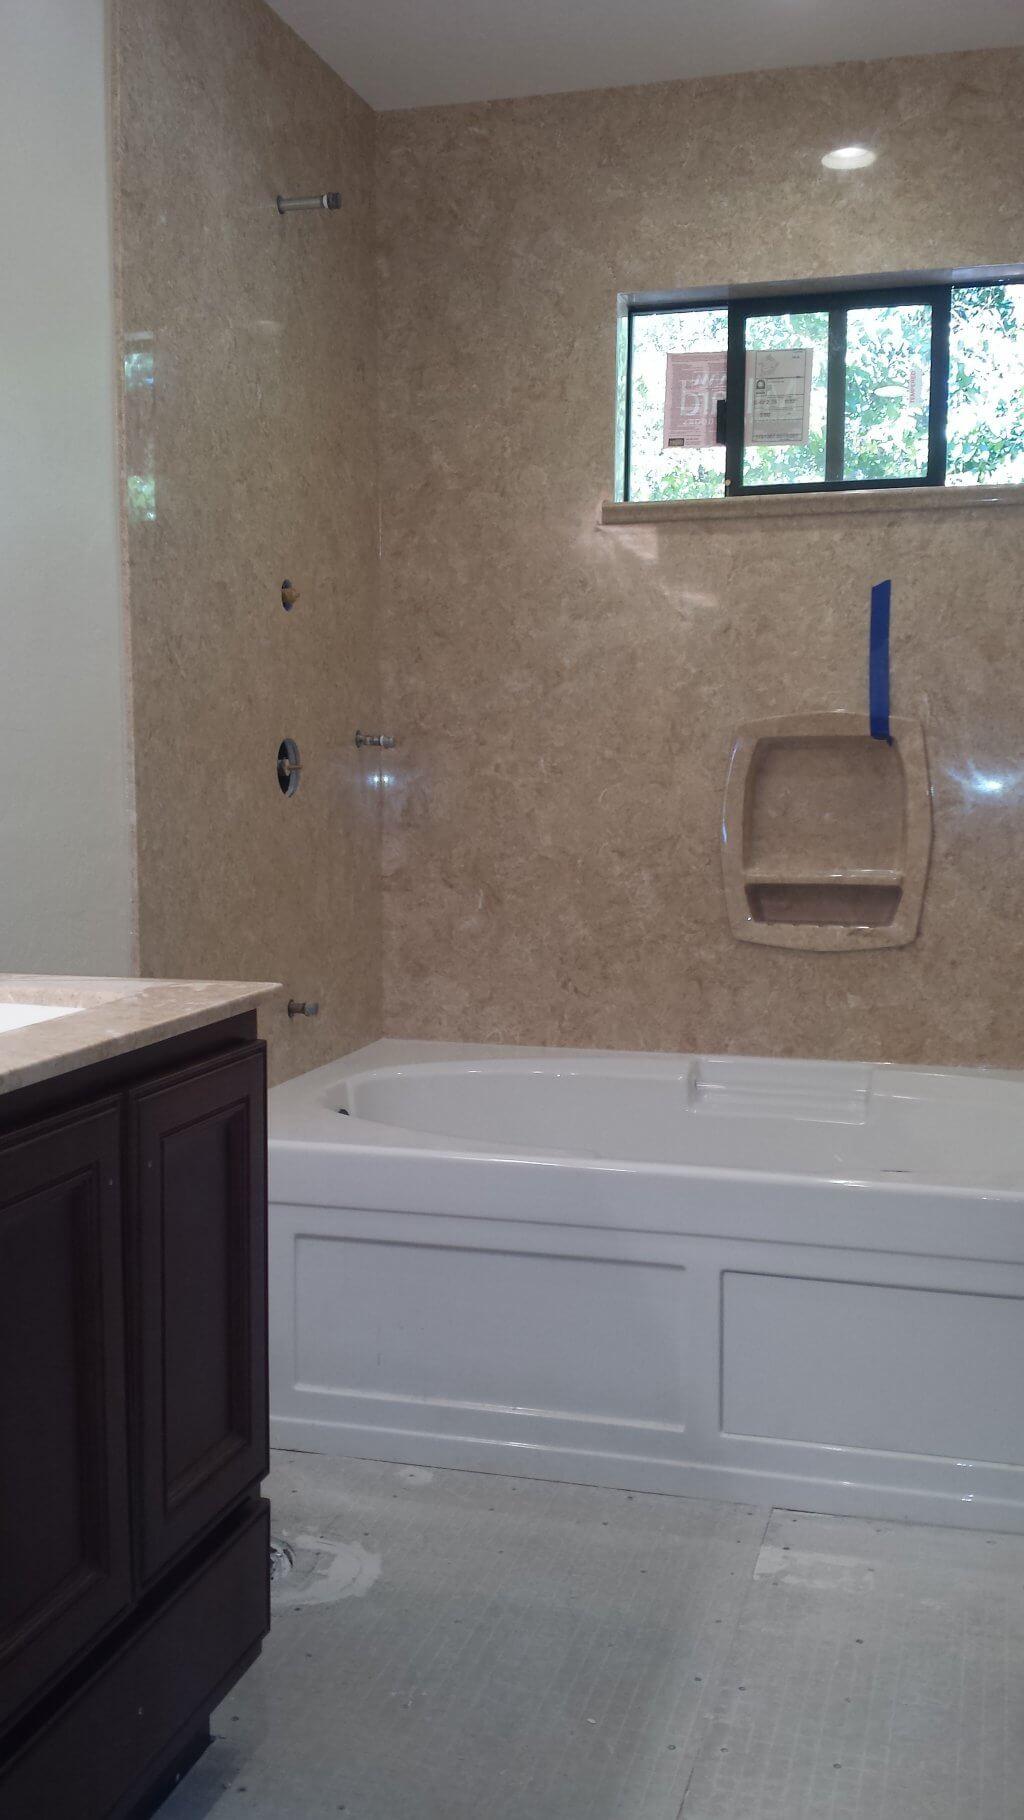 marble bathroom countertop Marin County, CA